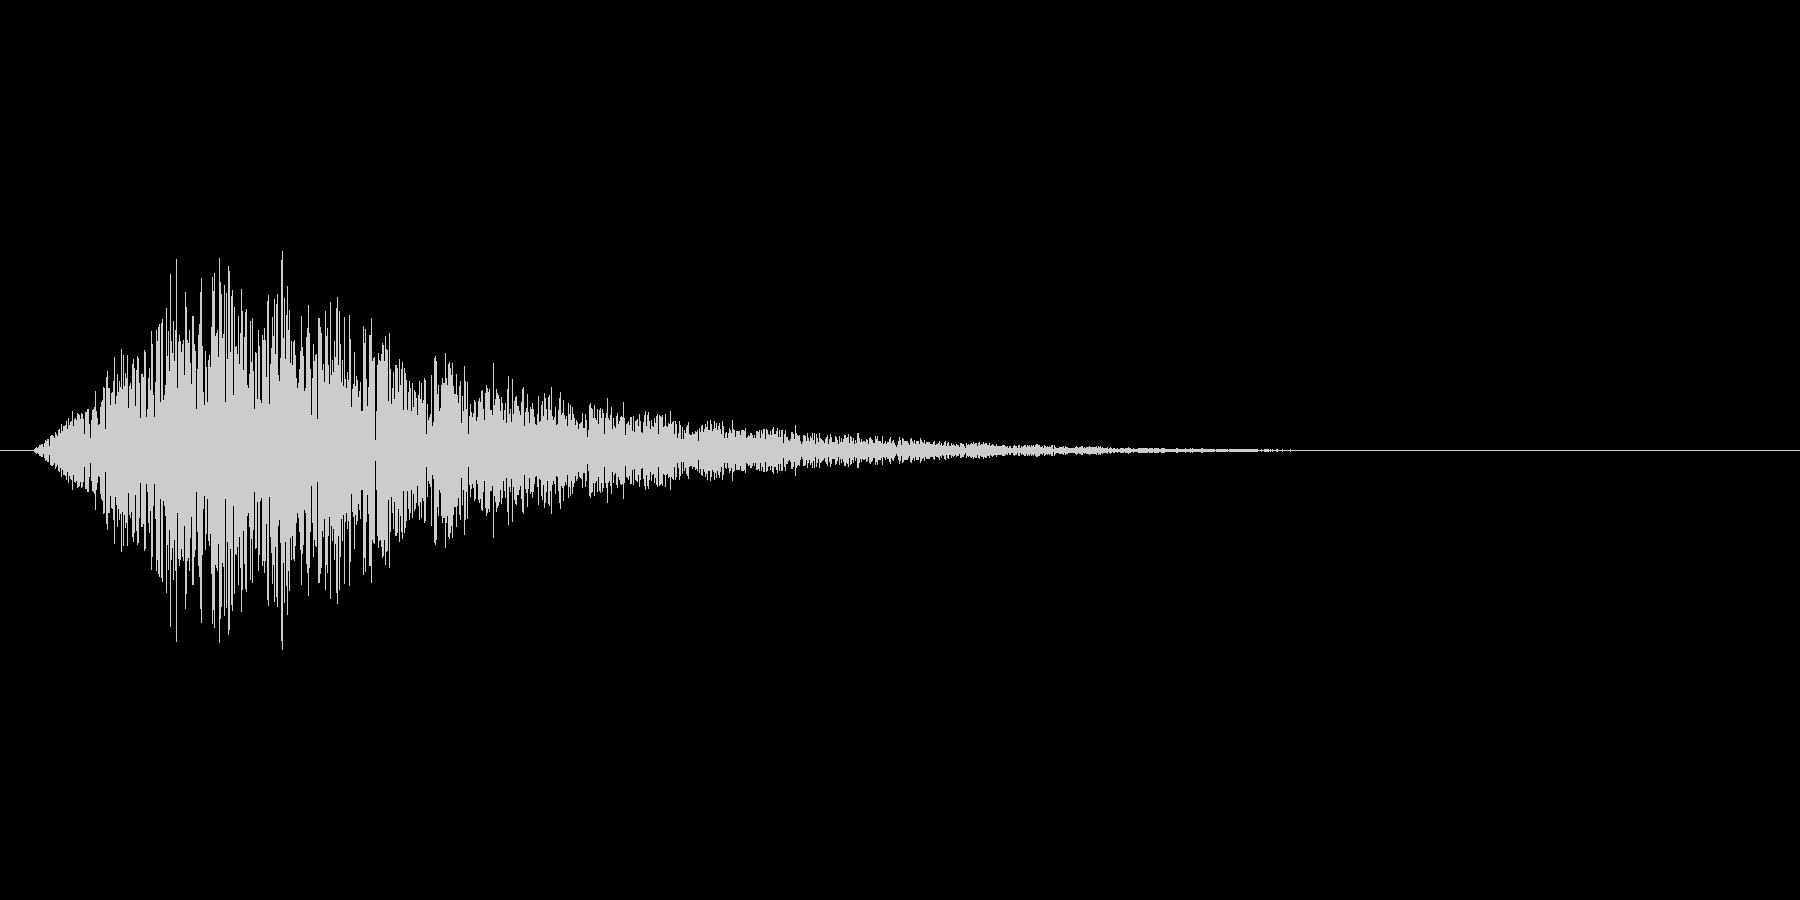 チャージや回復、ゲージ上昇のような効果音の未再生の波形